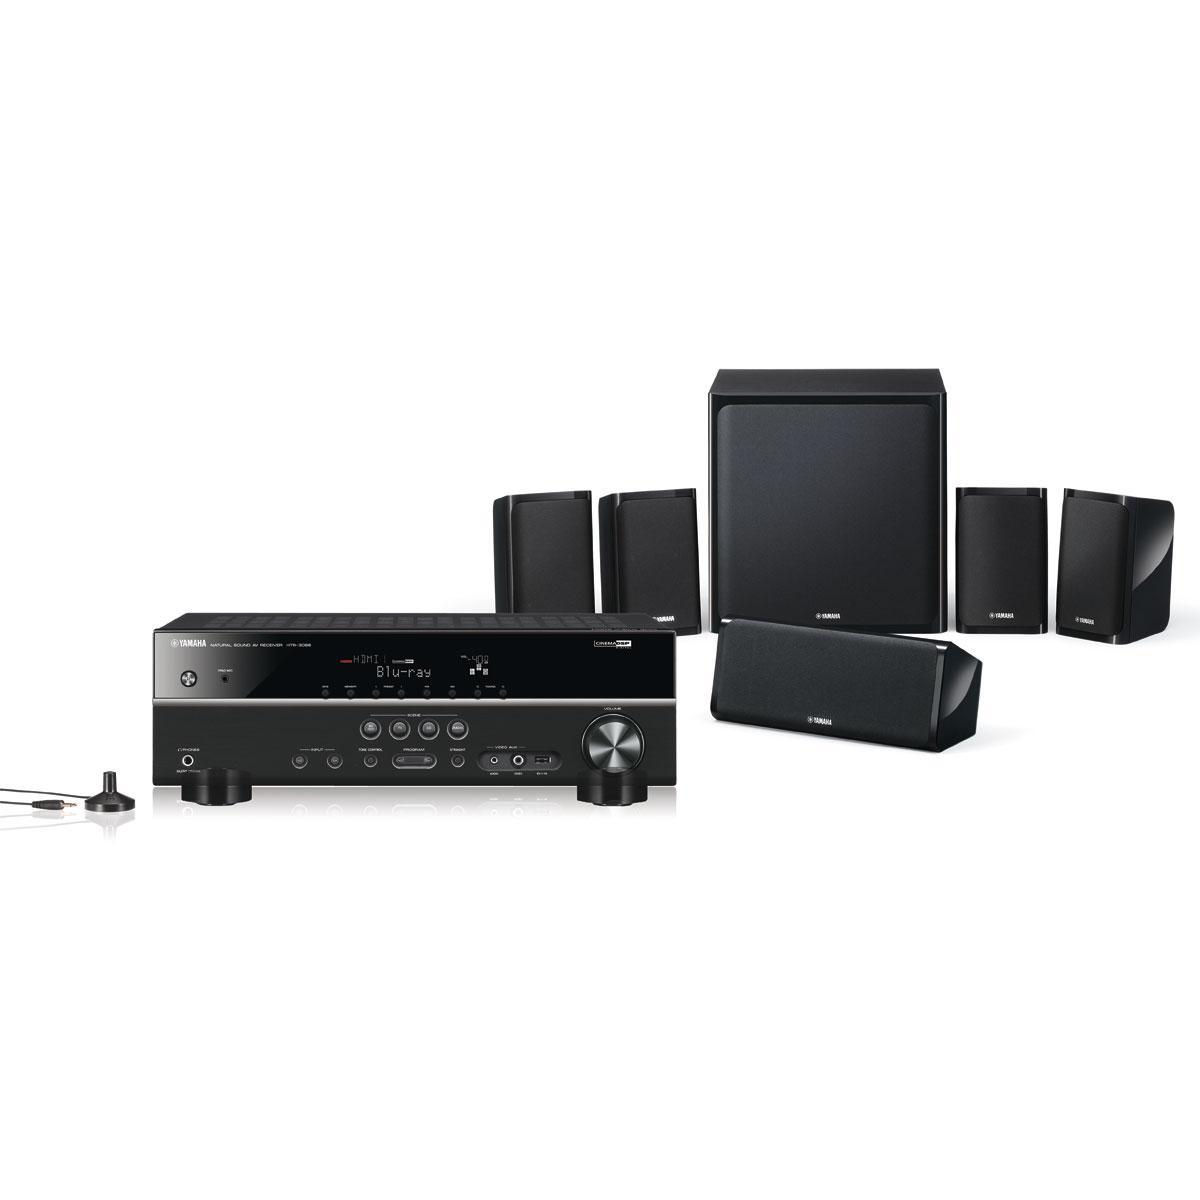 Une bonne installation audio sur sa TV LD0001282481_2